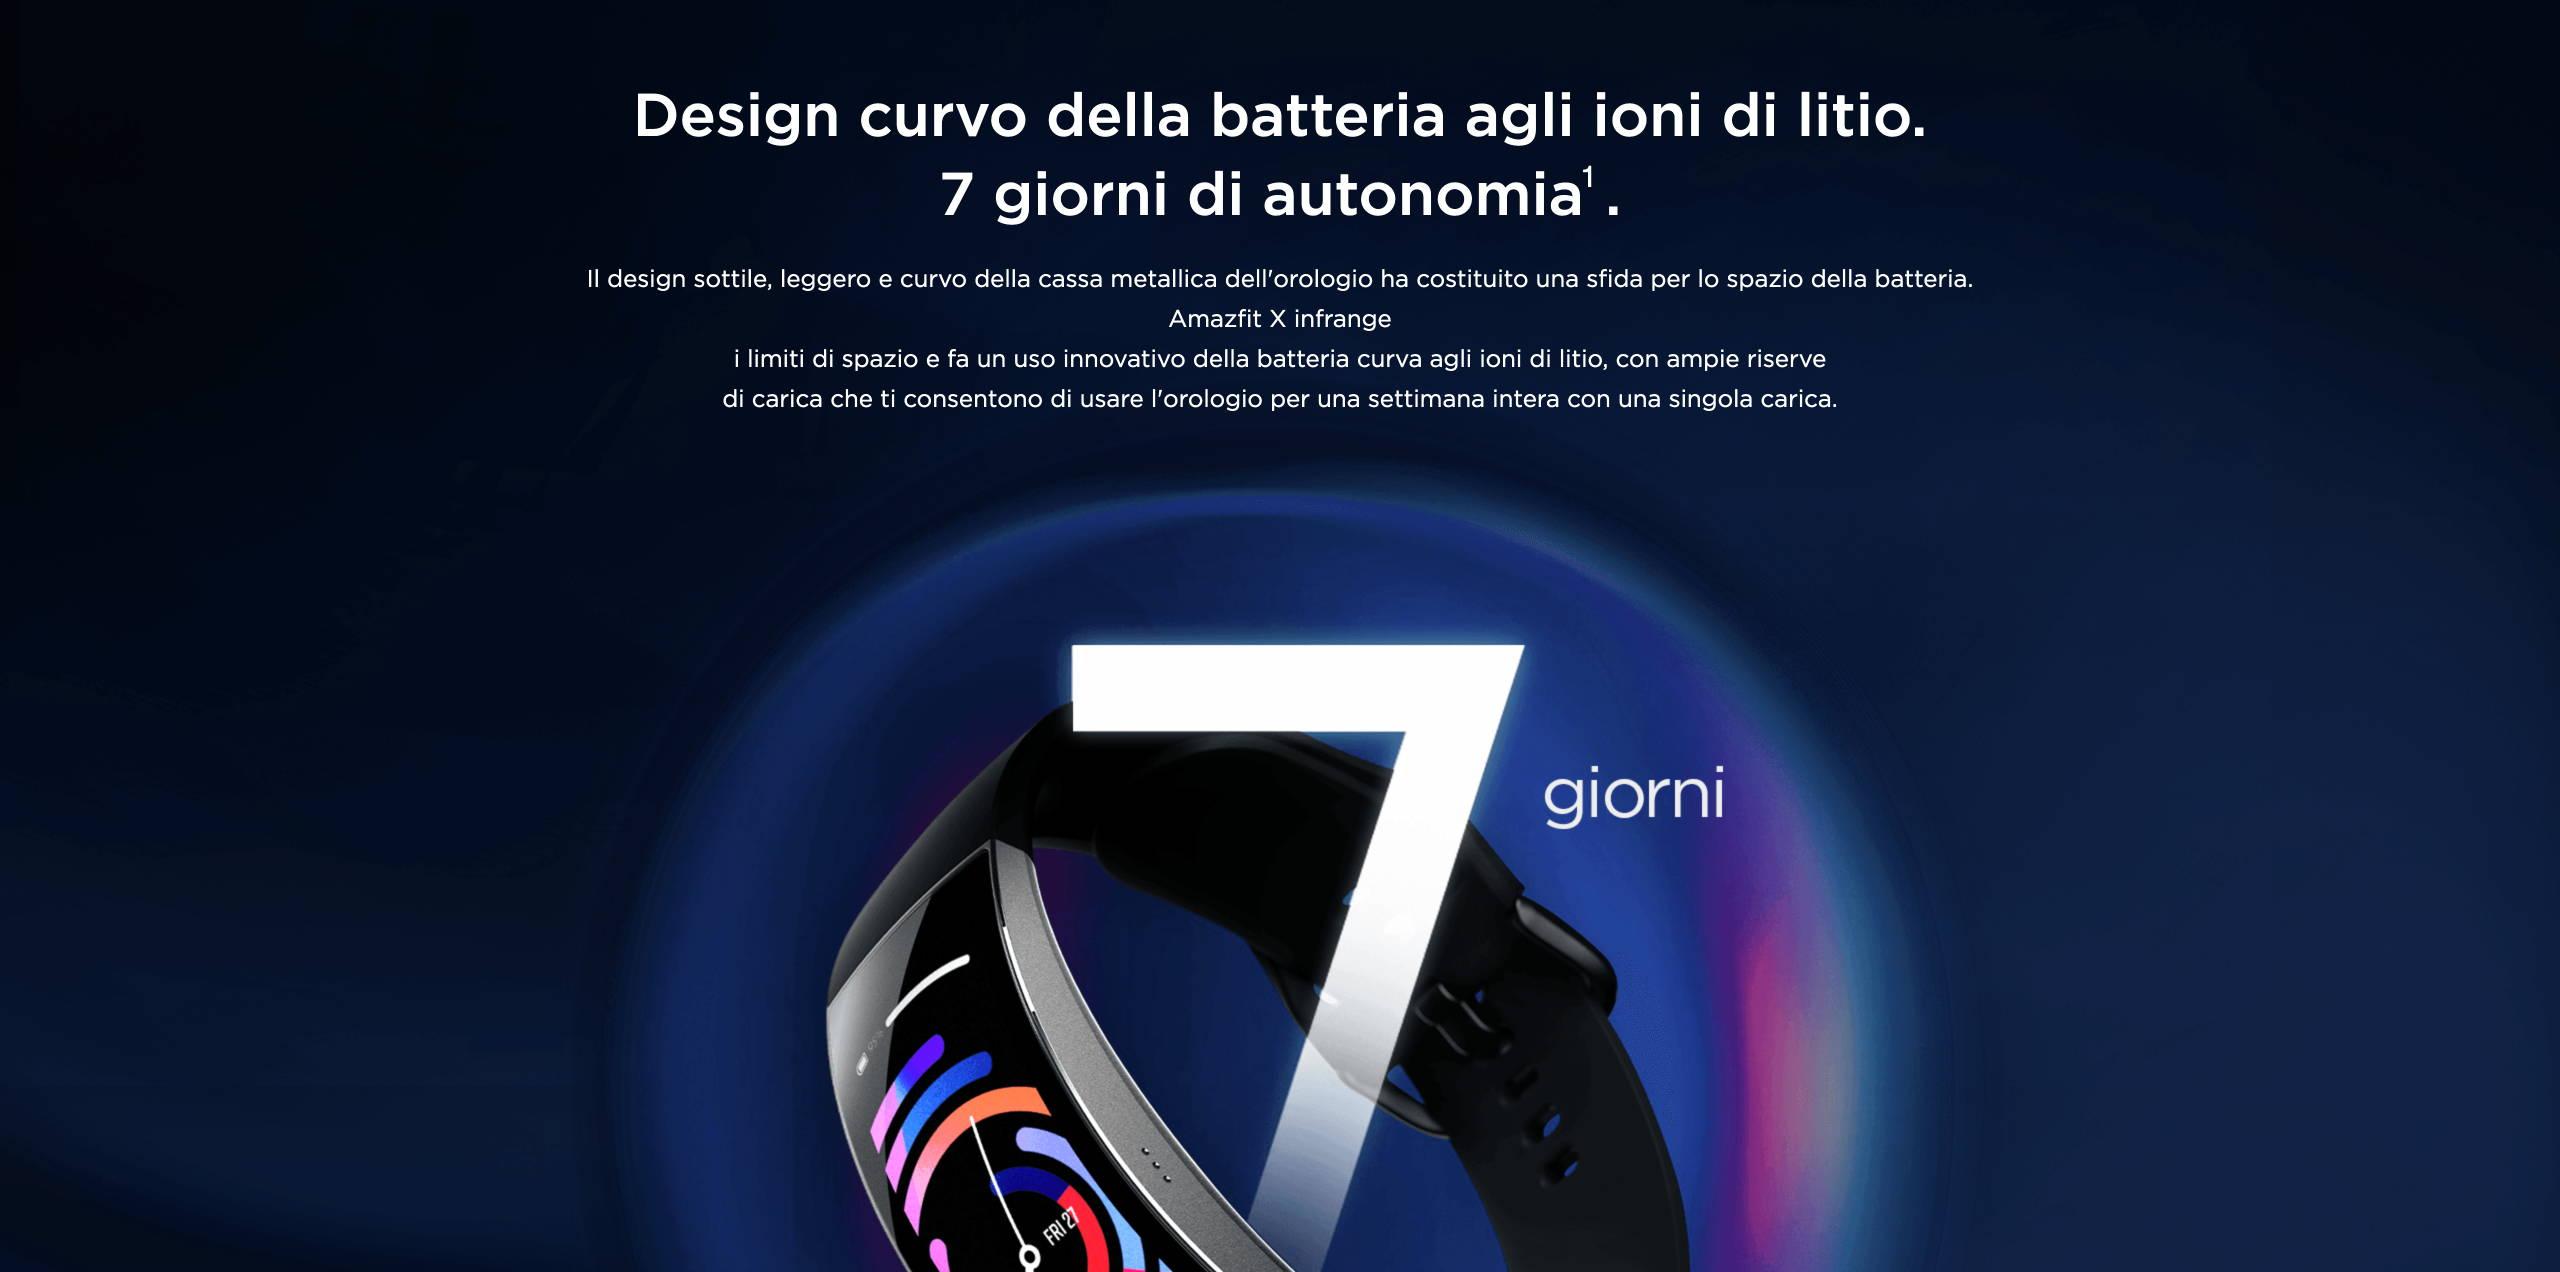 Amazfit X - Design curvo della batteria agli ioni di litio.7 giorni di autonomia.